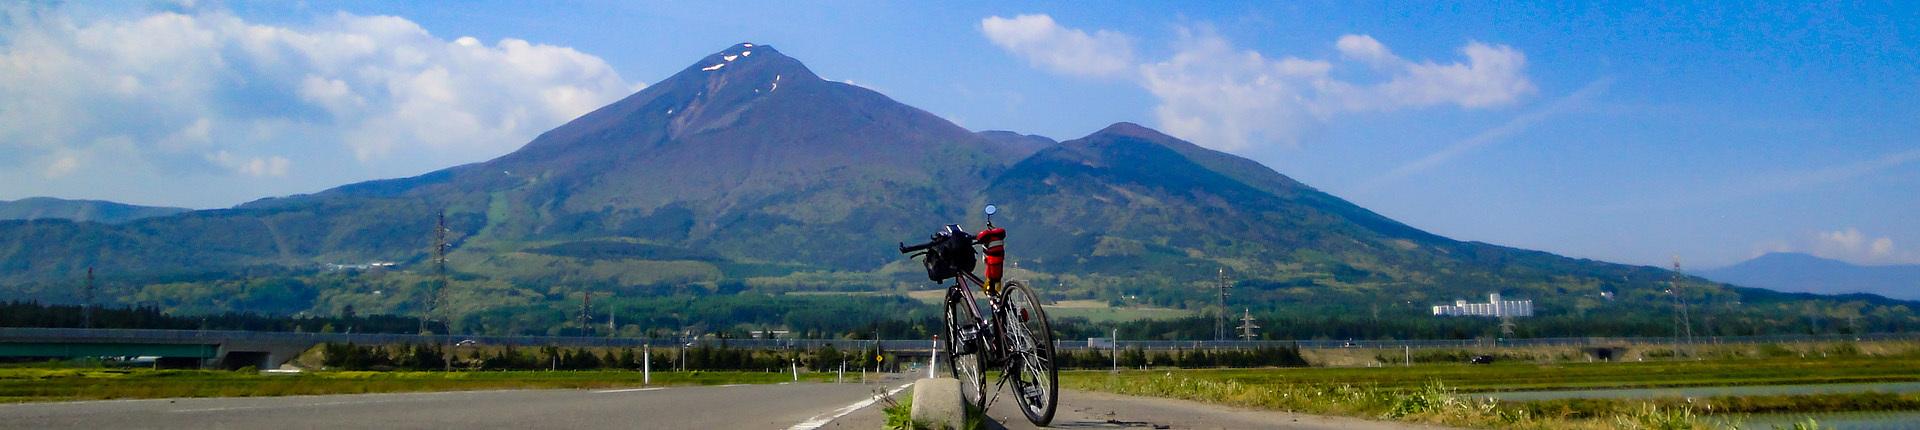 東京-福島300km 往復600kmサイクリング